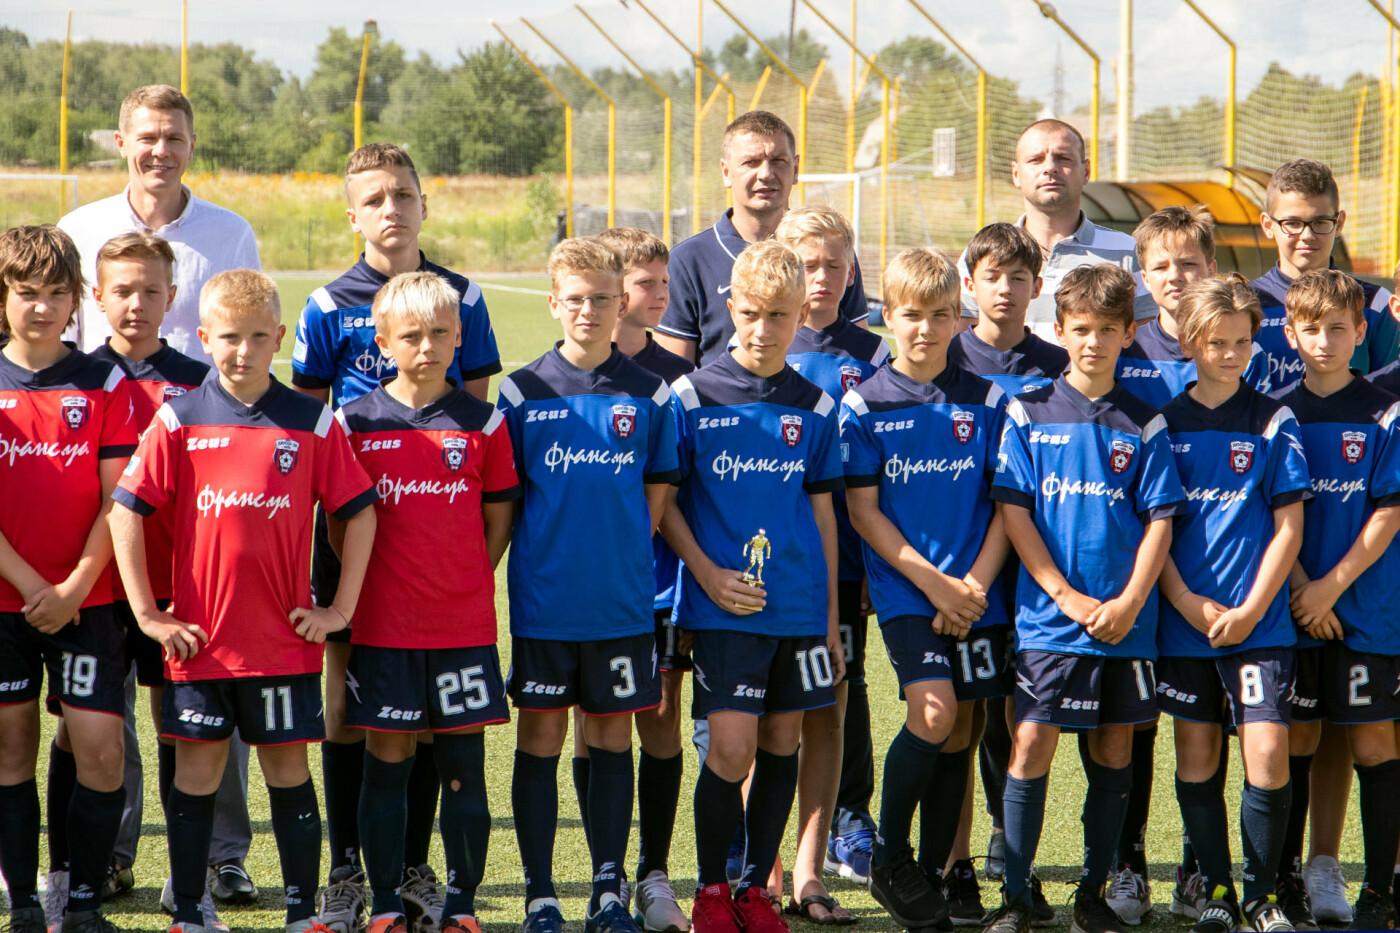 Чернігів прийняв у себе відкритий турнір з футболу: місцеві юнаки поза п'єдесталом, фото-1